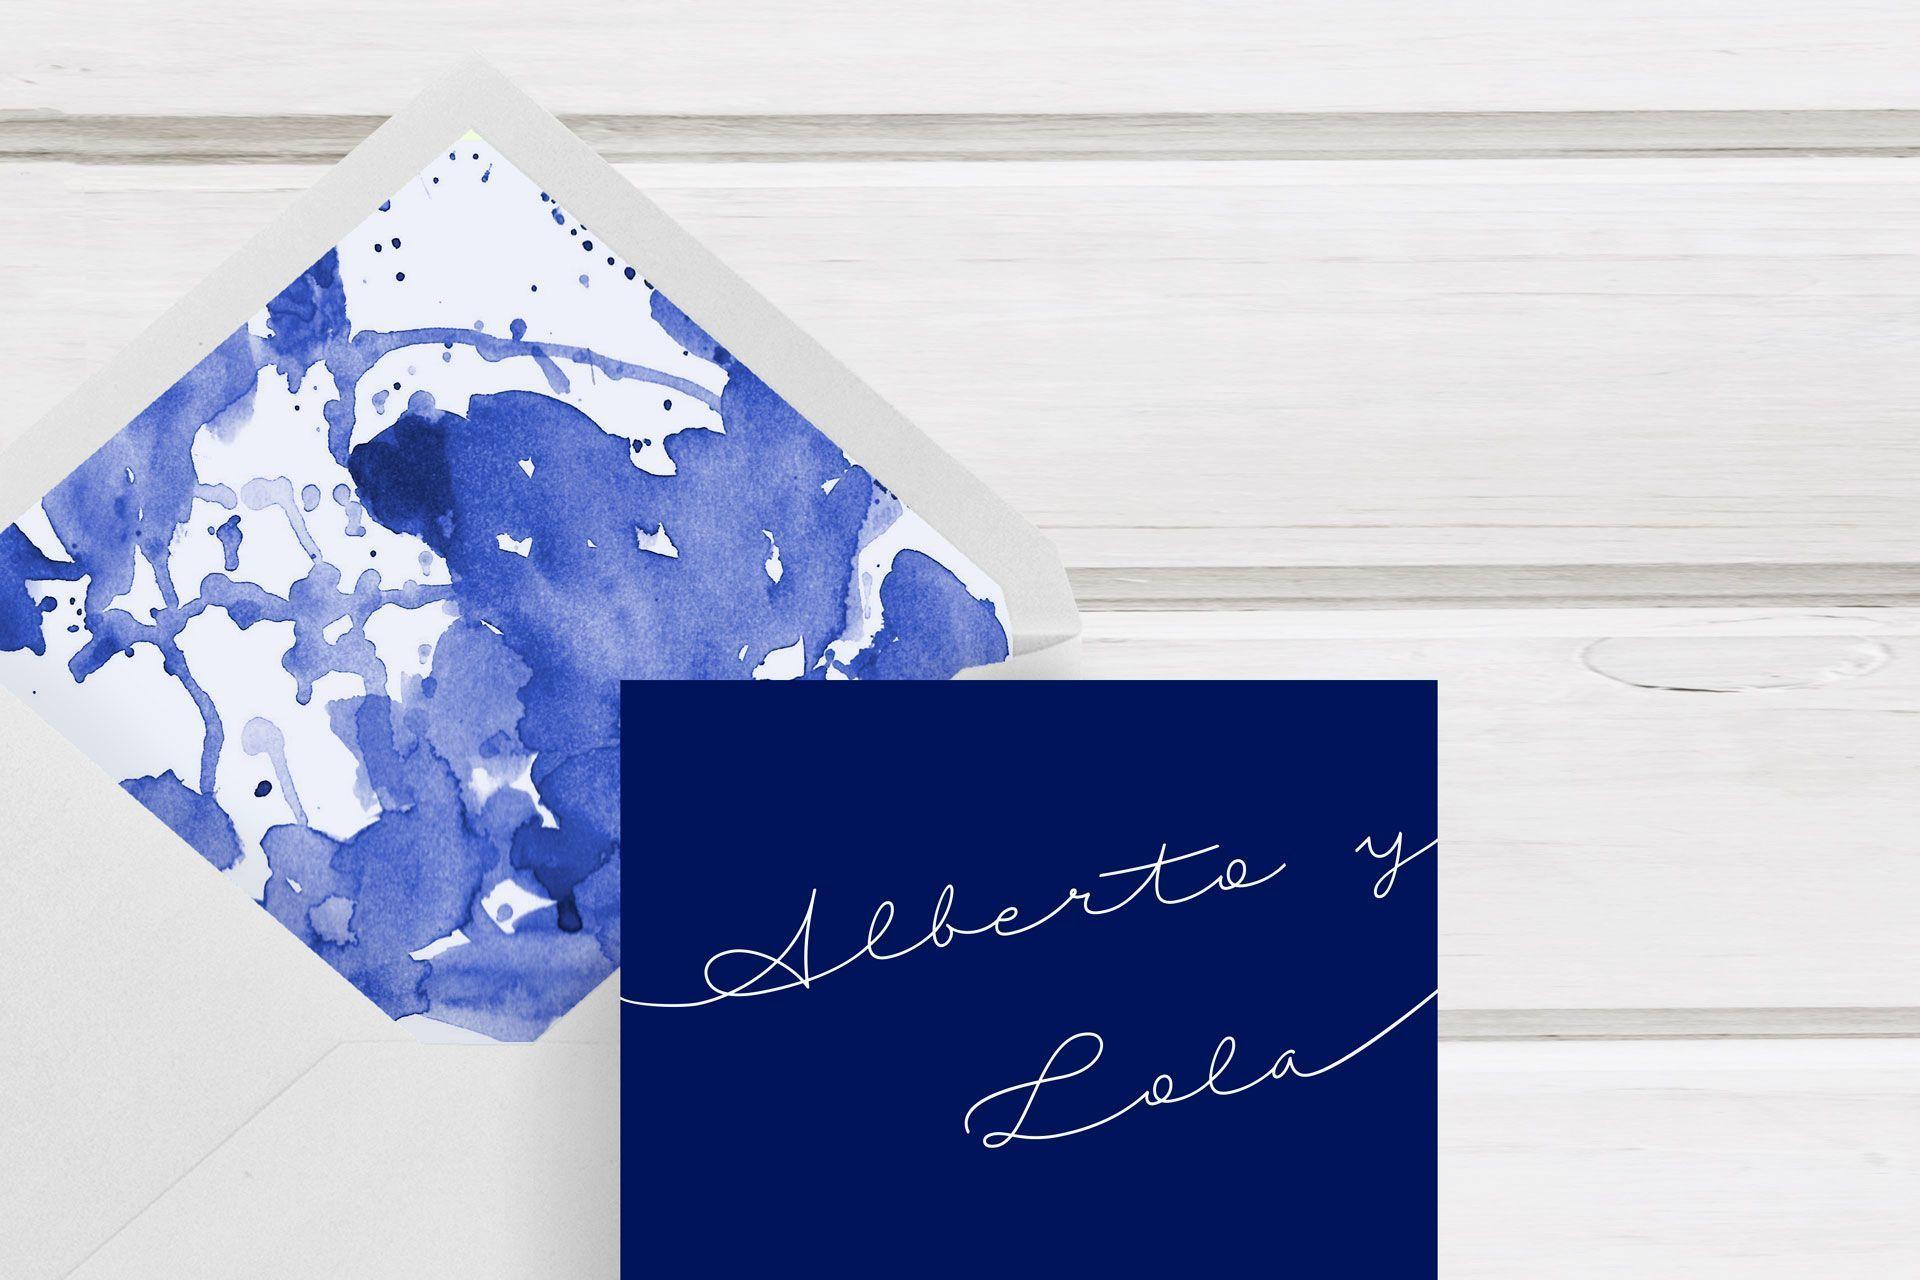 dos terrones invitacion boda azul y personal y unica